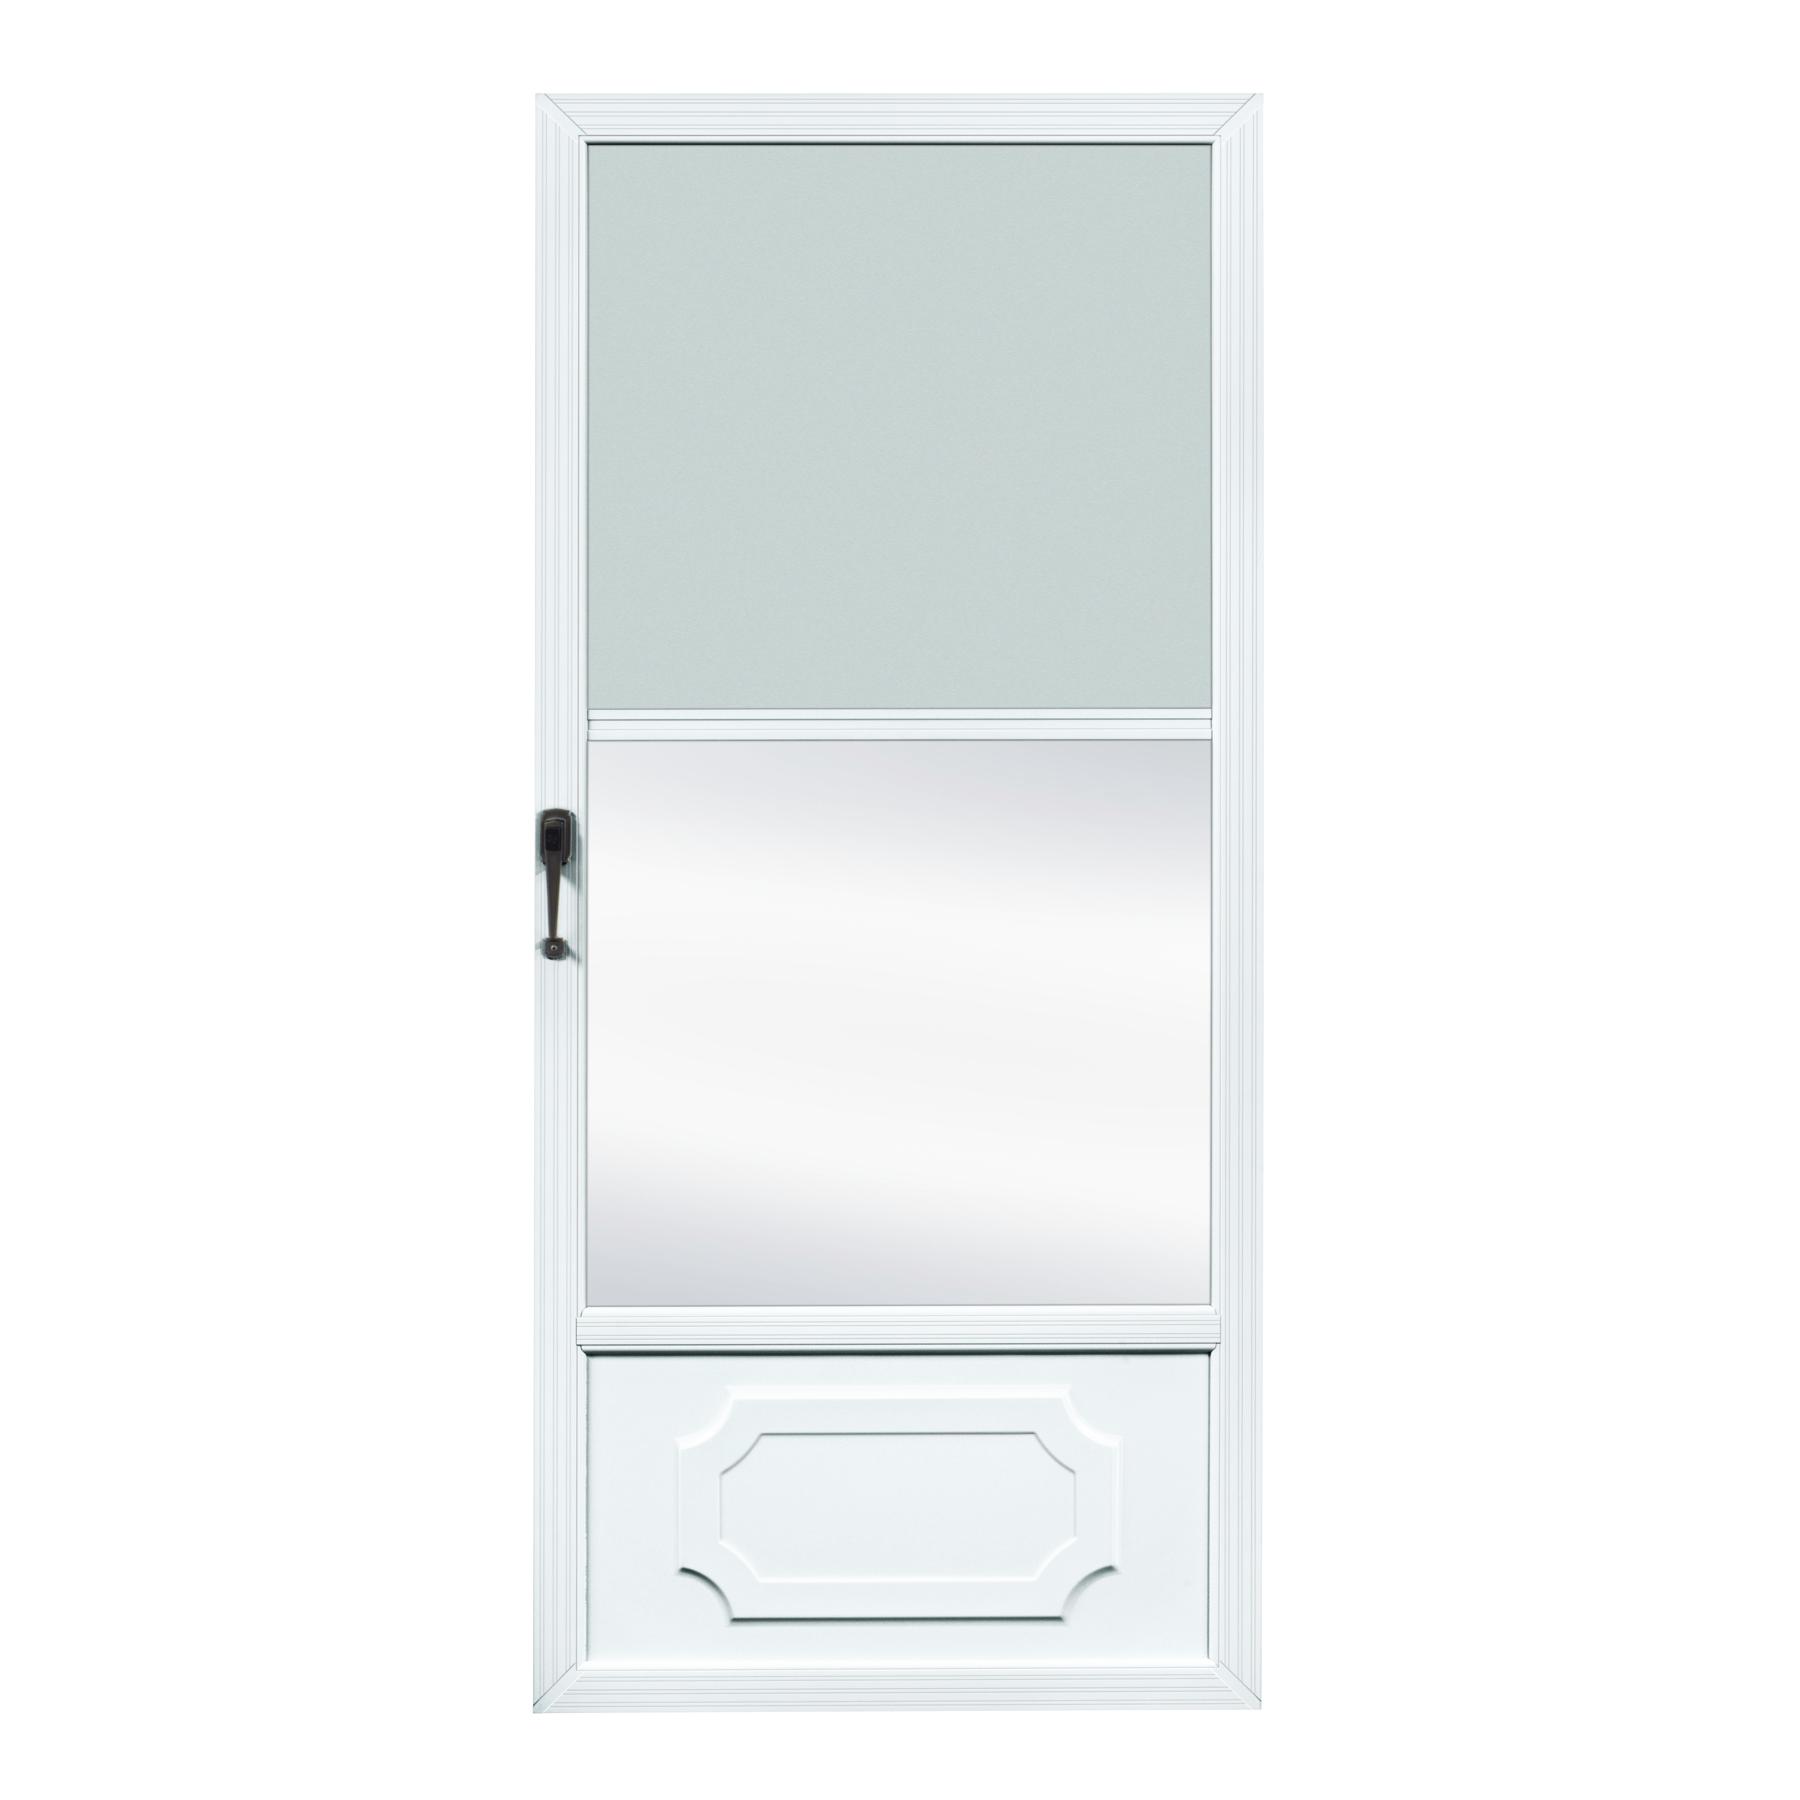 Fox weldoor model self storing custom storm door for Custom storm doors